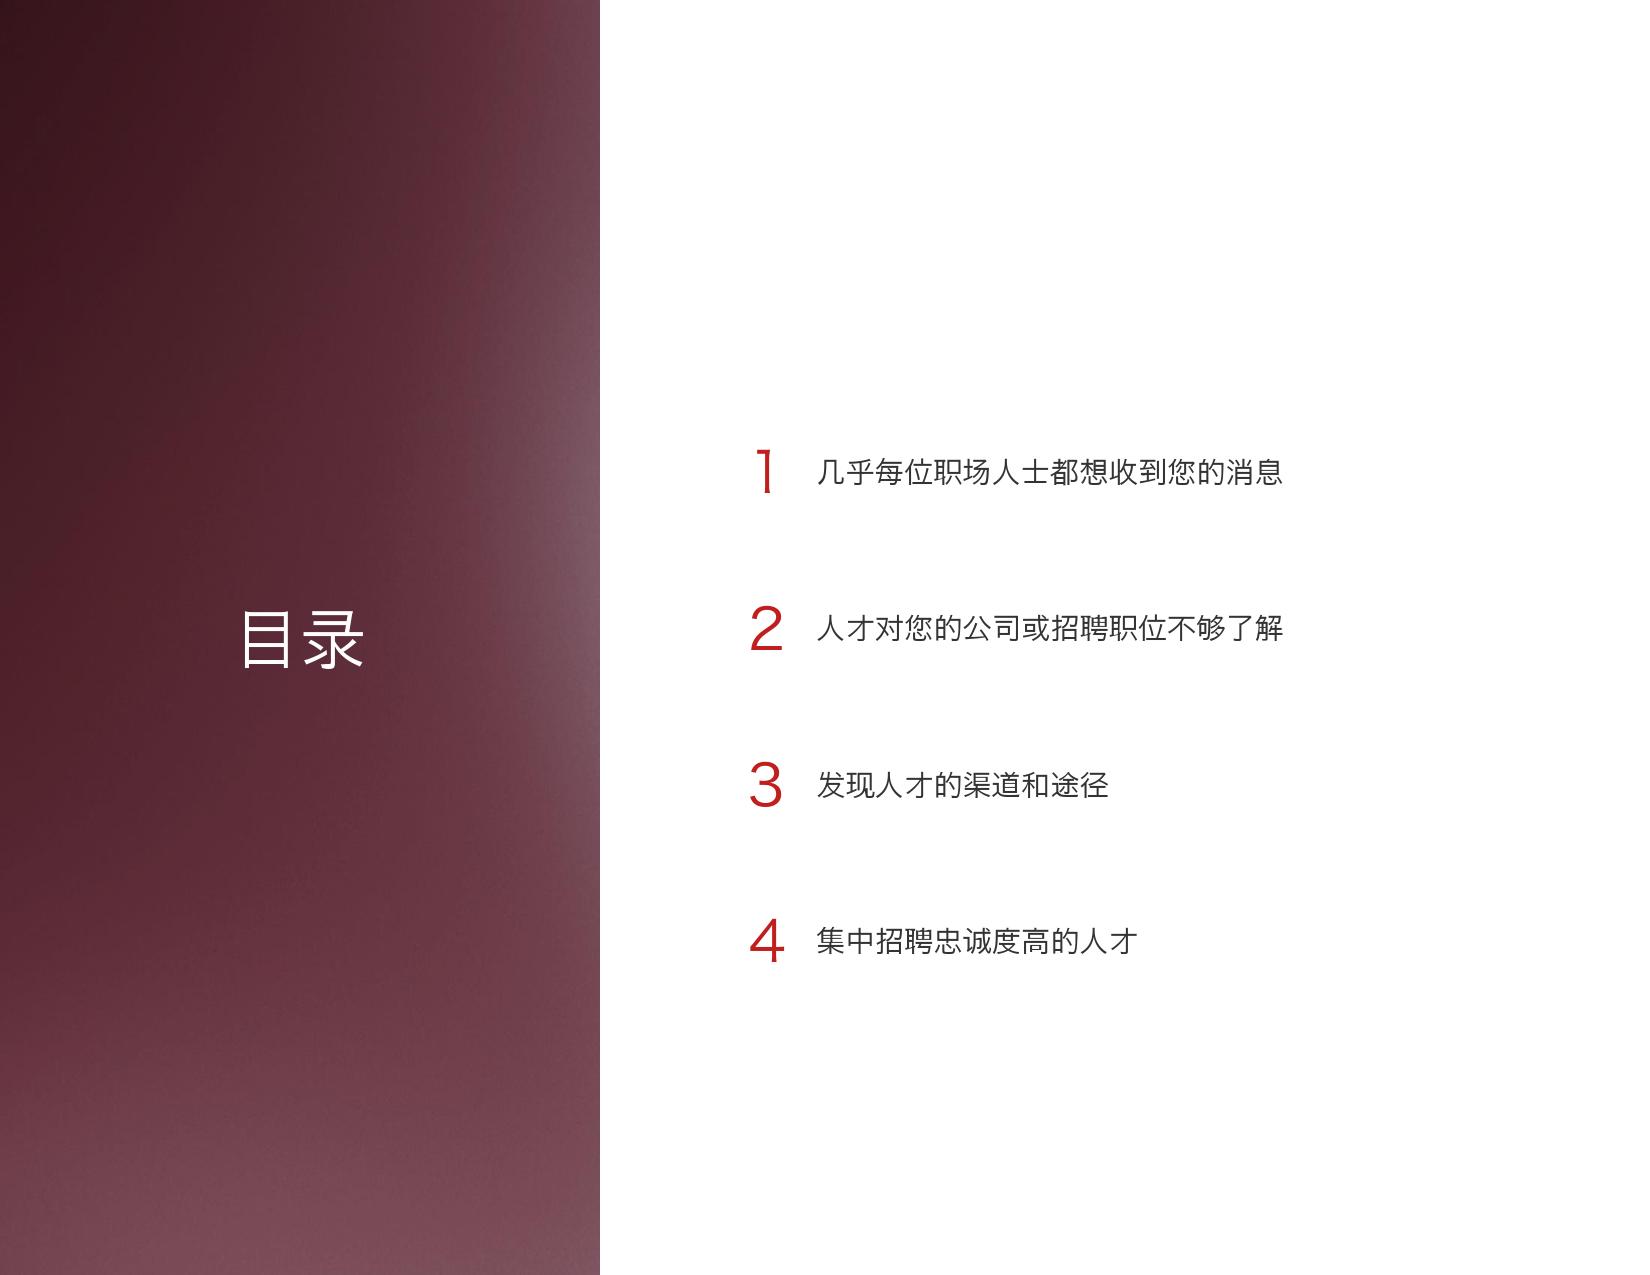 2016年中国人才趋势报告_000003